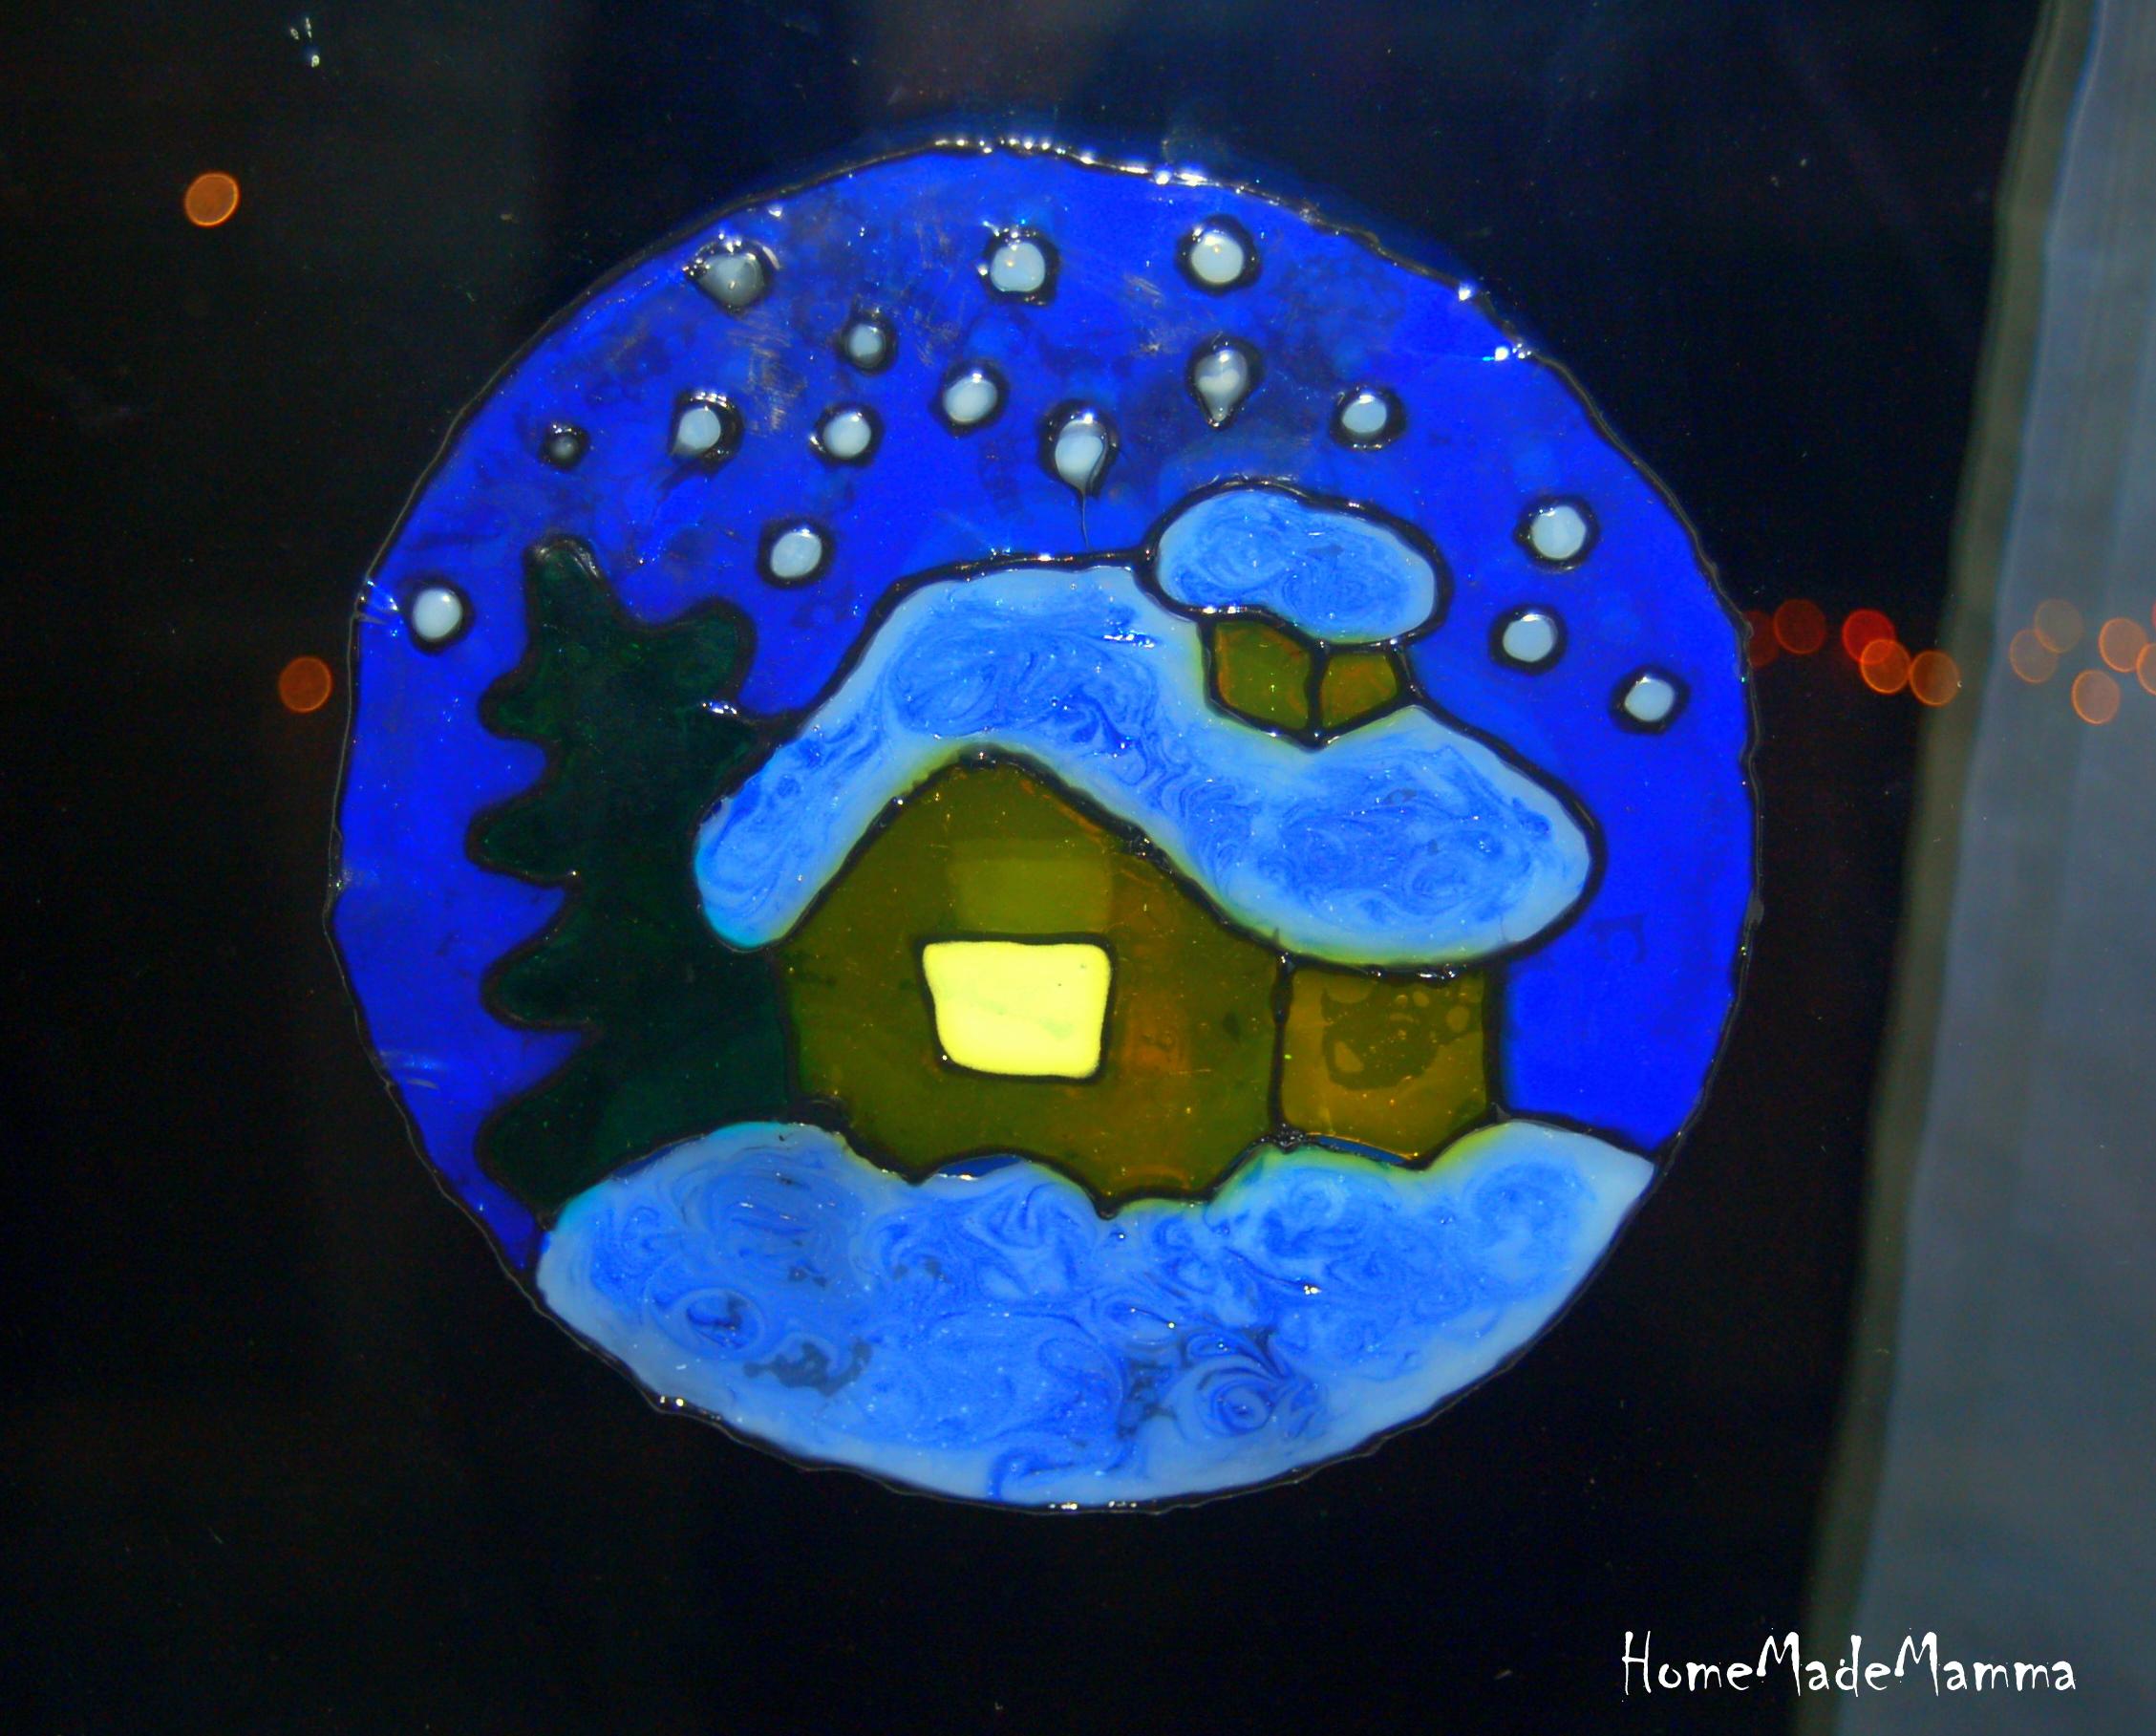 Decorazione Finestre Per Natale : Decorazioni finestre natale e decorare finestre per natale amazing